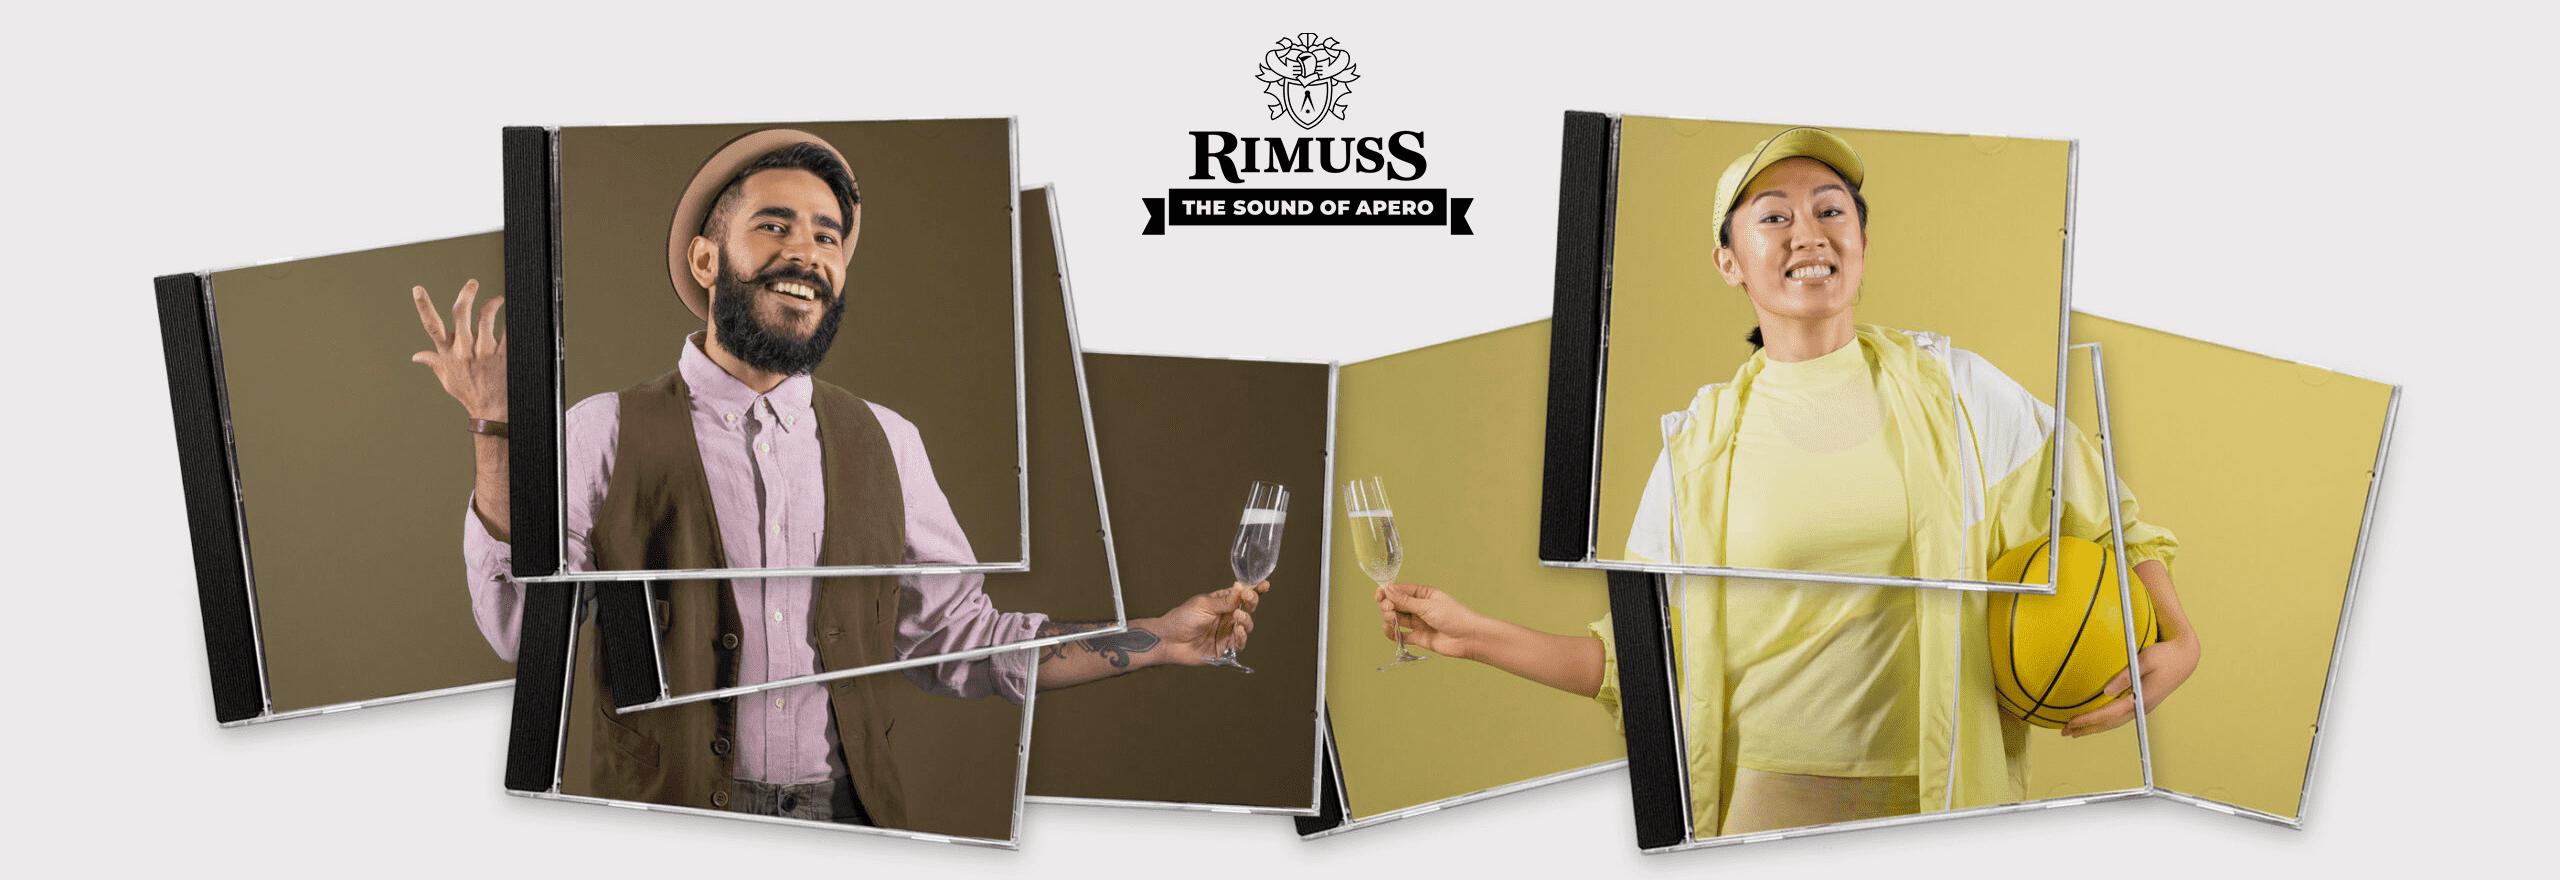 Rimuss Apéro Playlisten auf Spotify